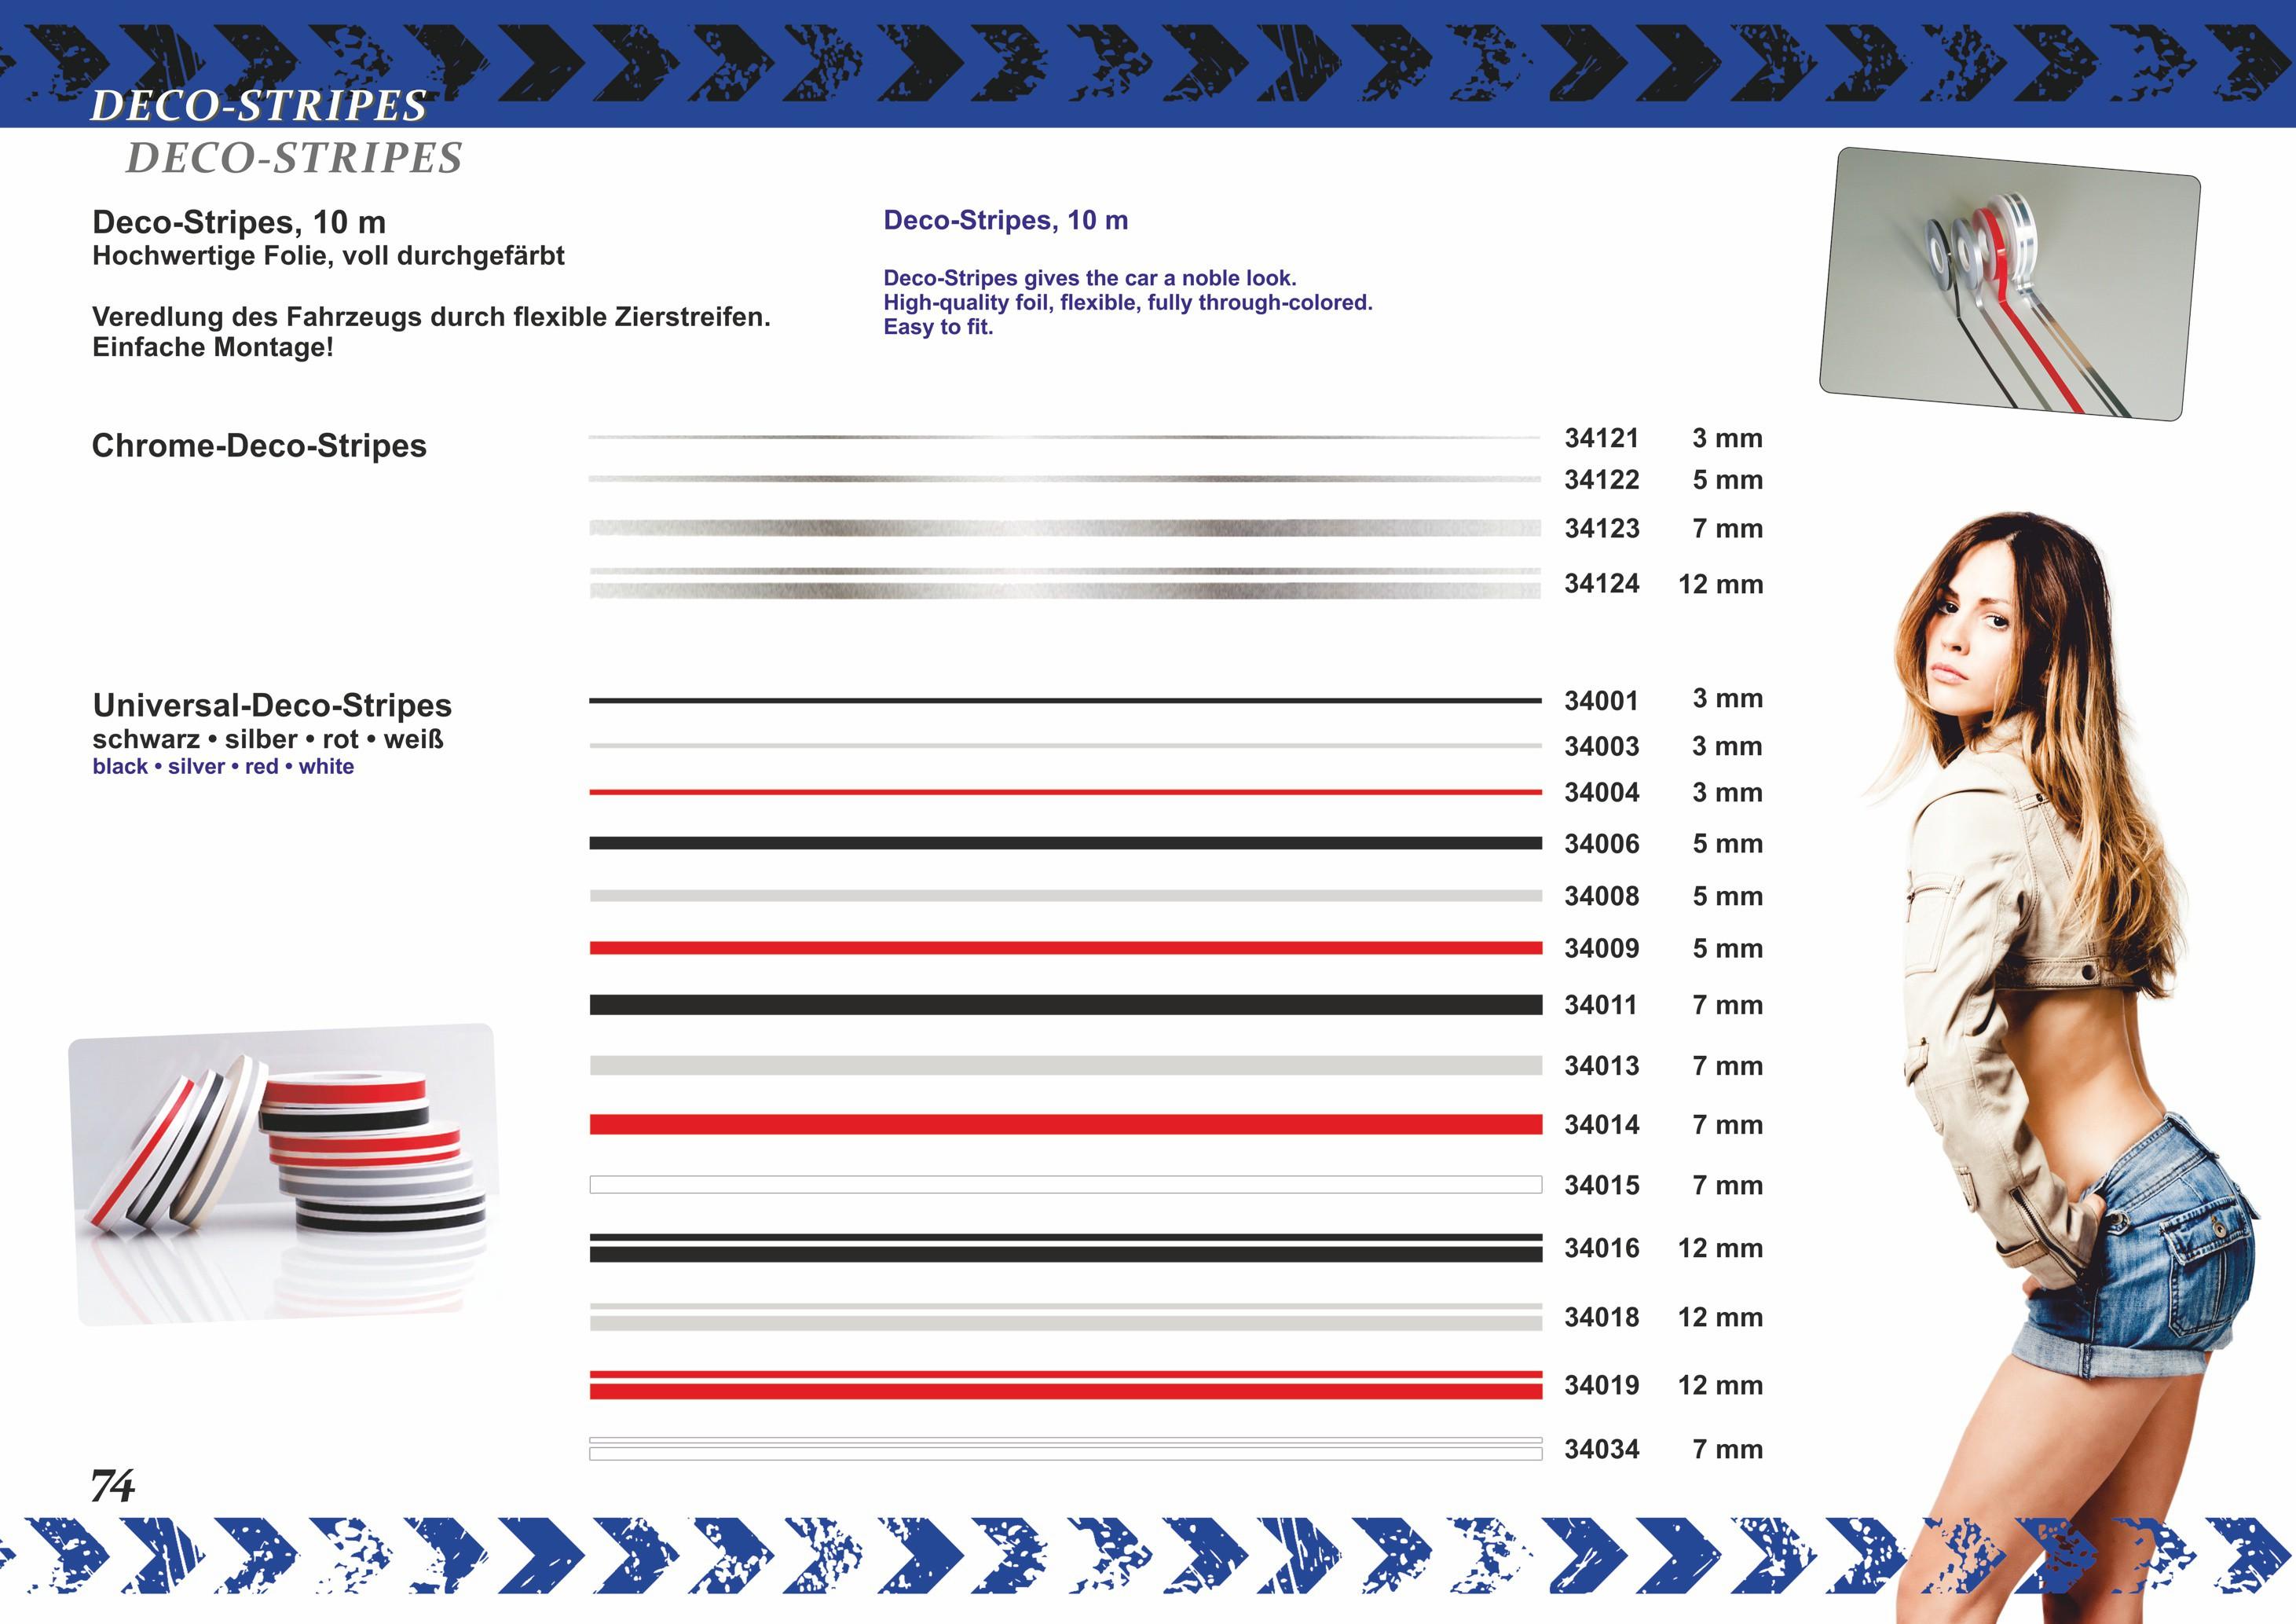 Bandes déco Deco-Stripe noir 12 mm x 10 m  !!!Bande double!!! – Bild 4